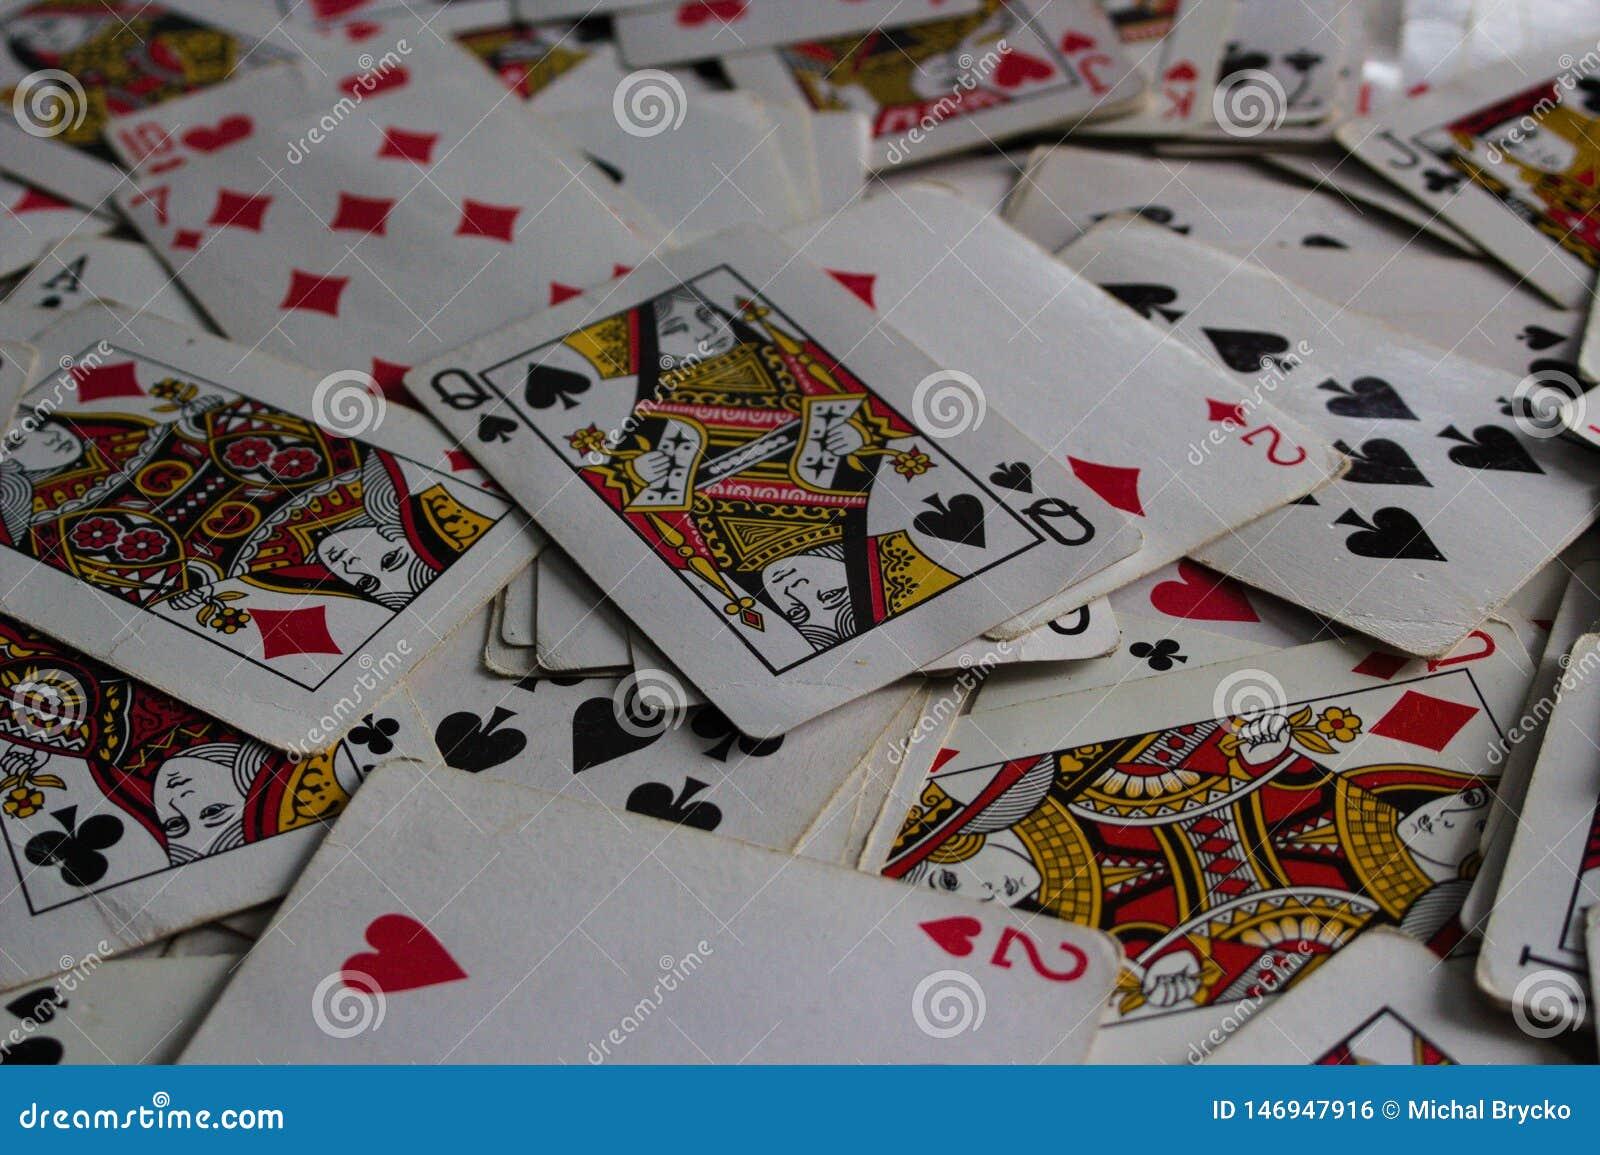 K?ama? karty z wybran? kart? na wierzcho?ku jako joker dama